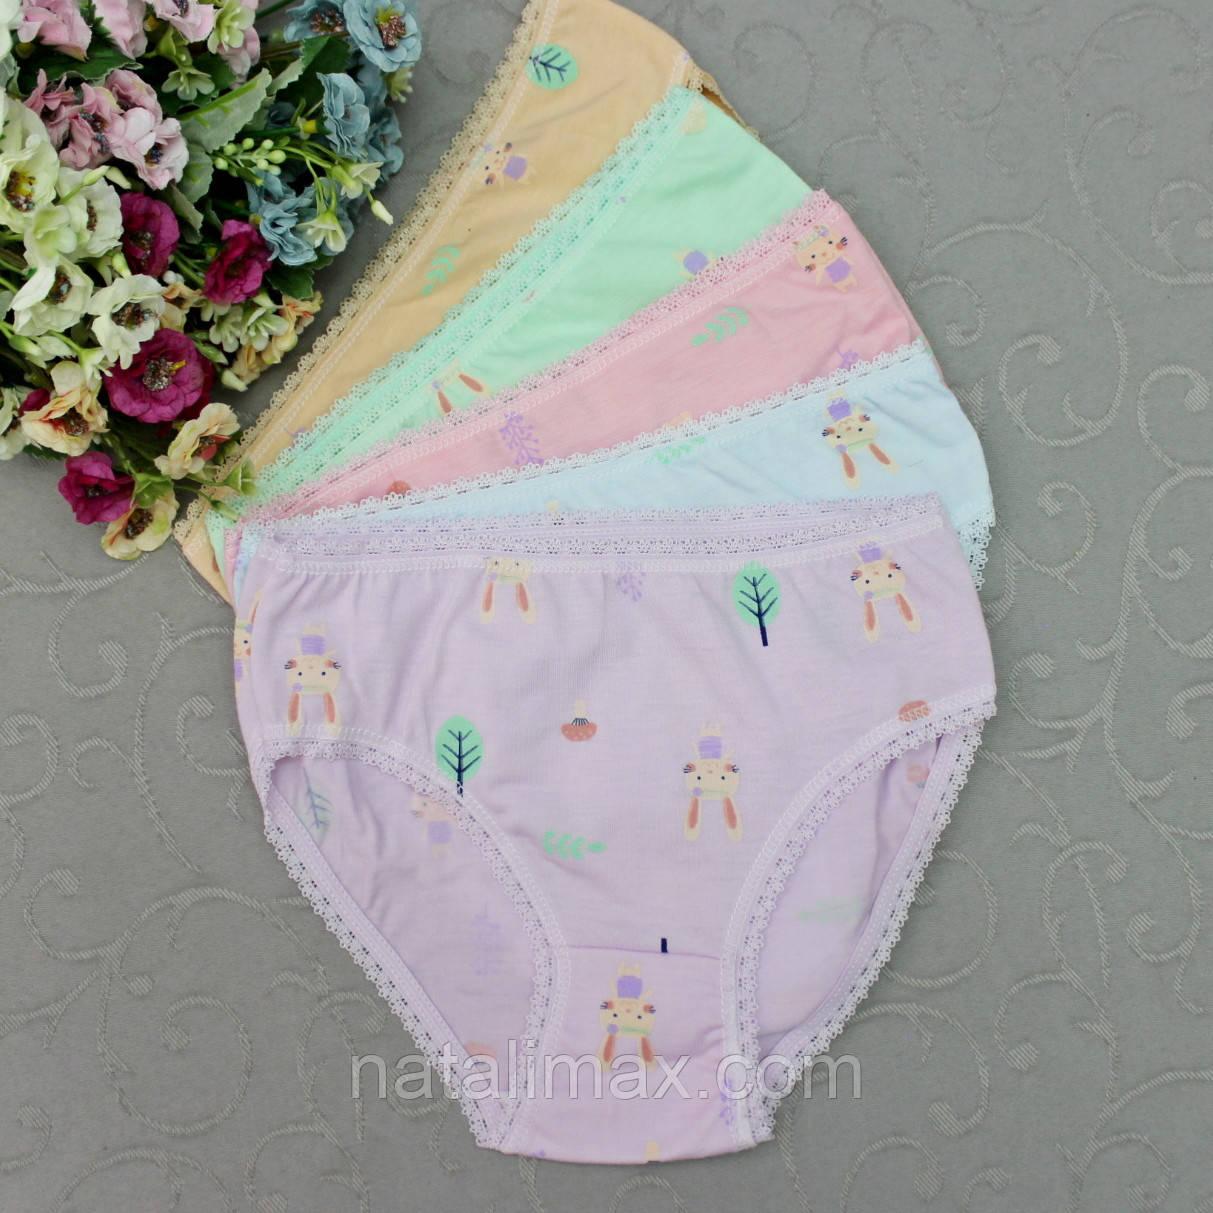 Трусики  для девочек, размер M.  Детские трусики, трусы для девочек